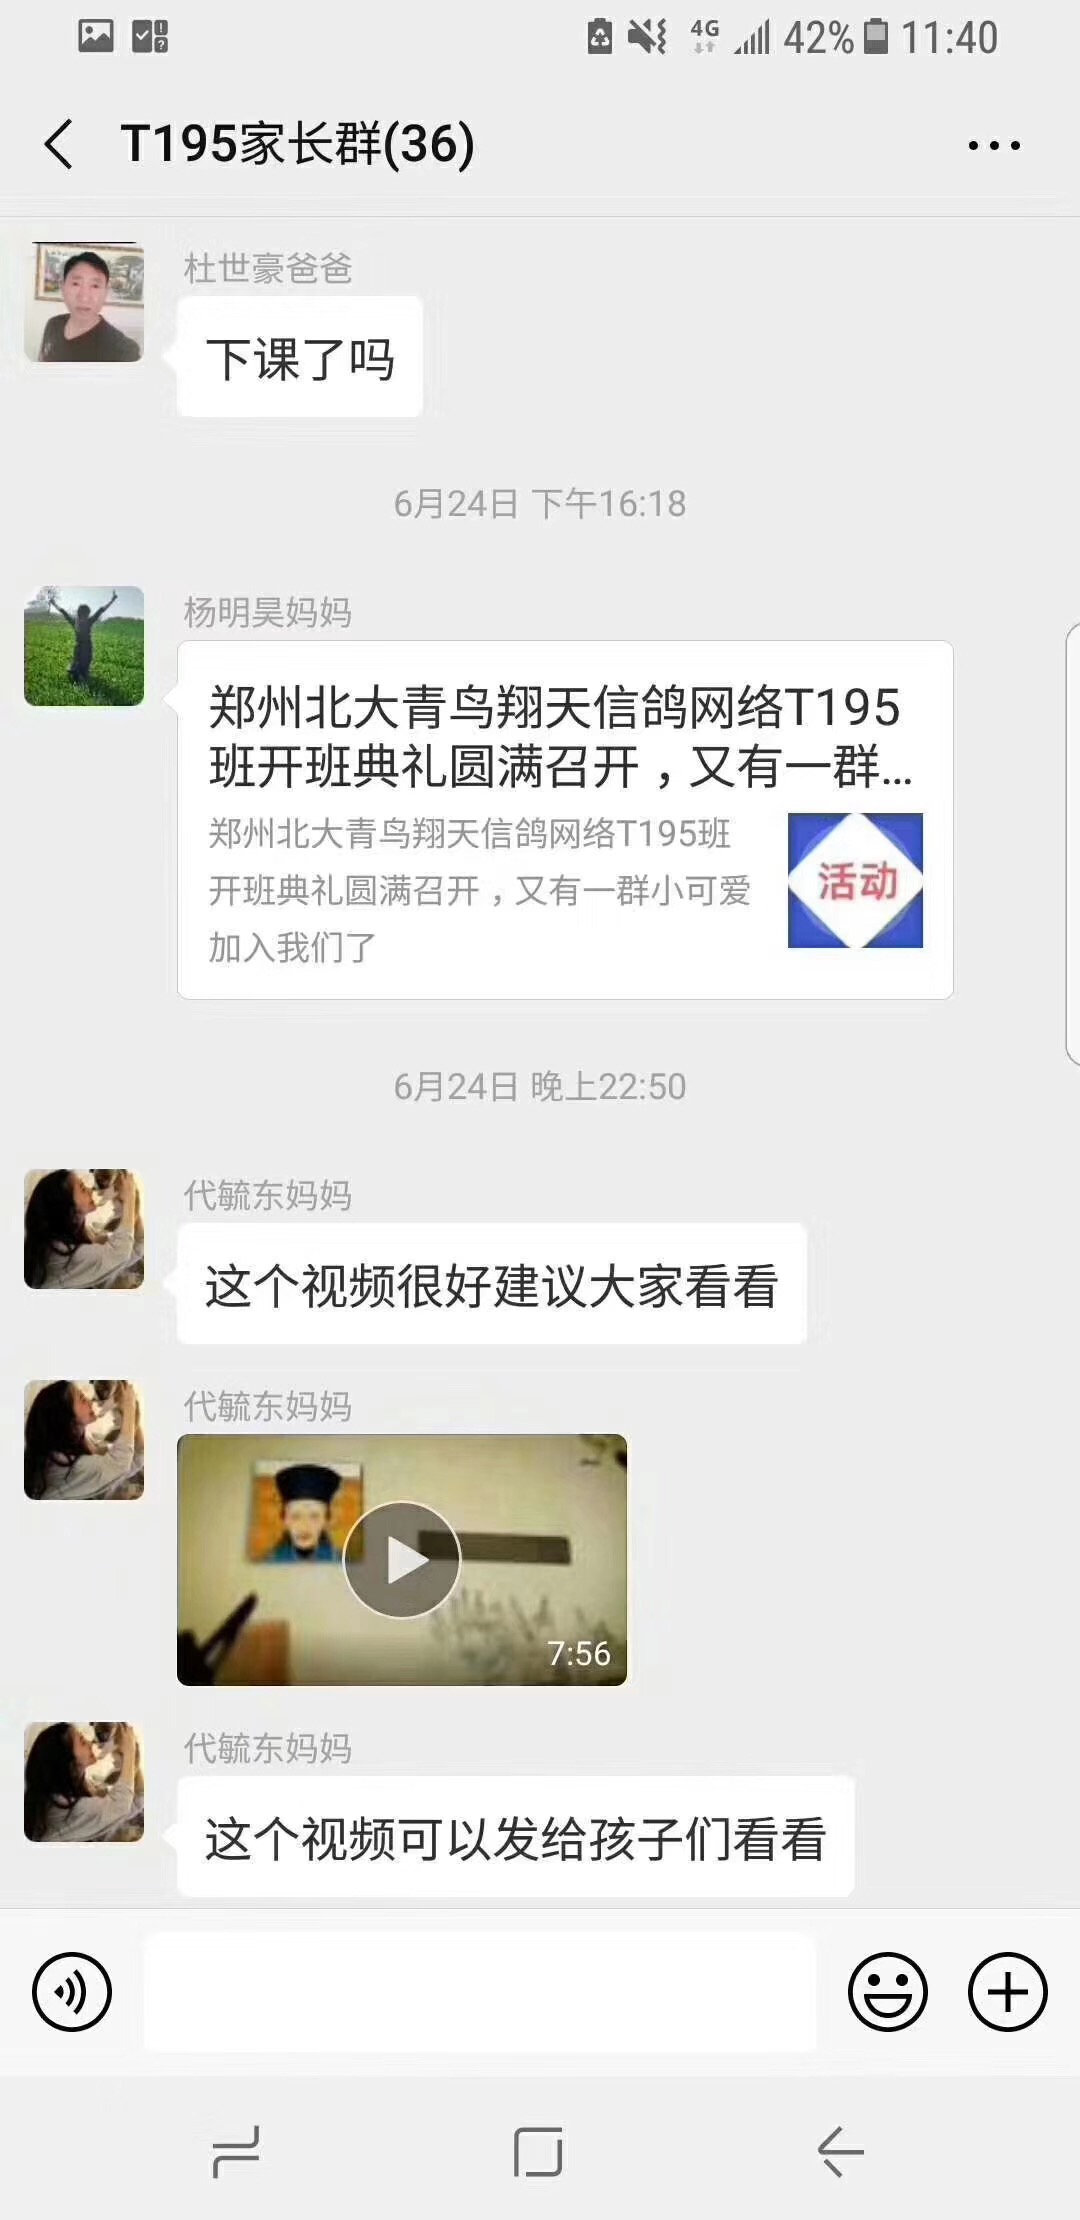 郑州北大青鸟翔天信鸽学员家长真实讨论反馈